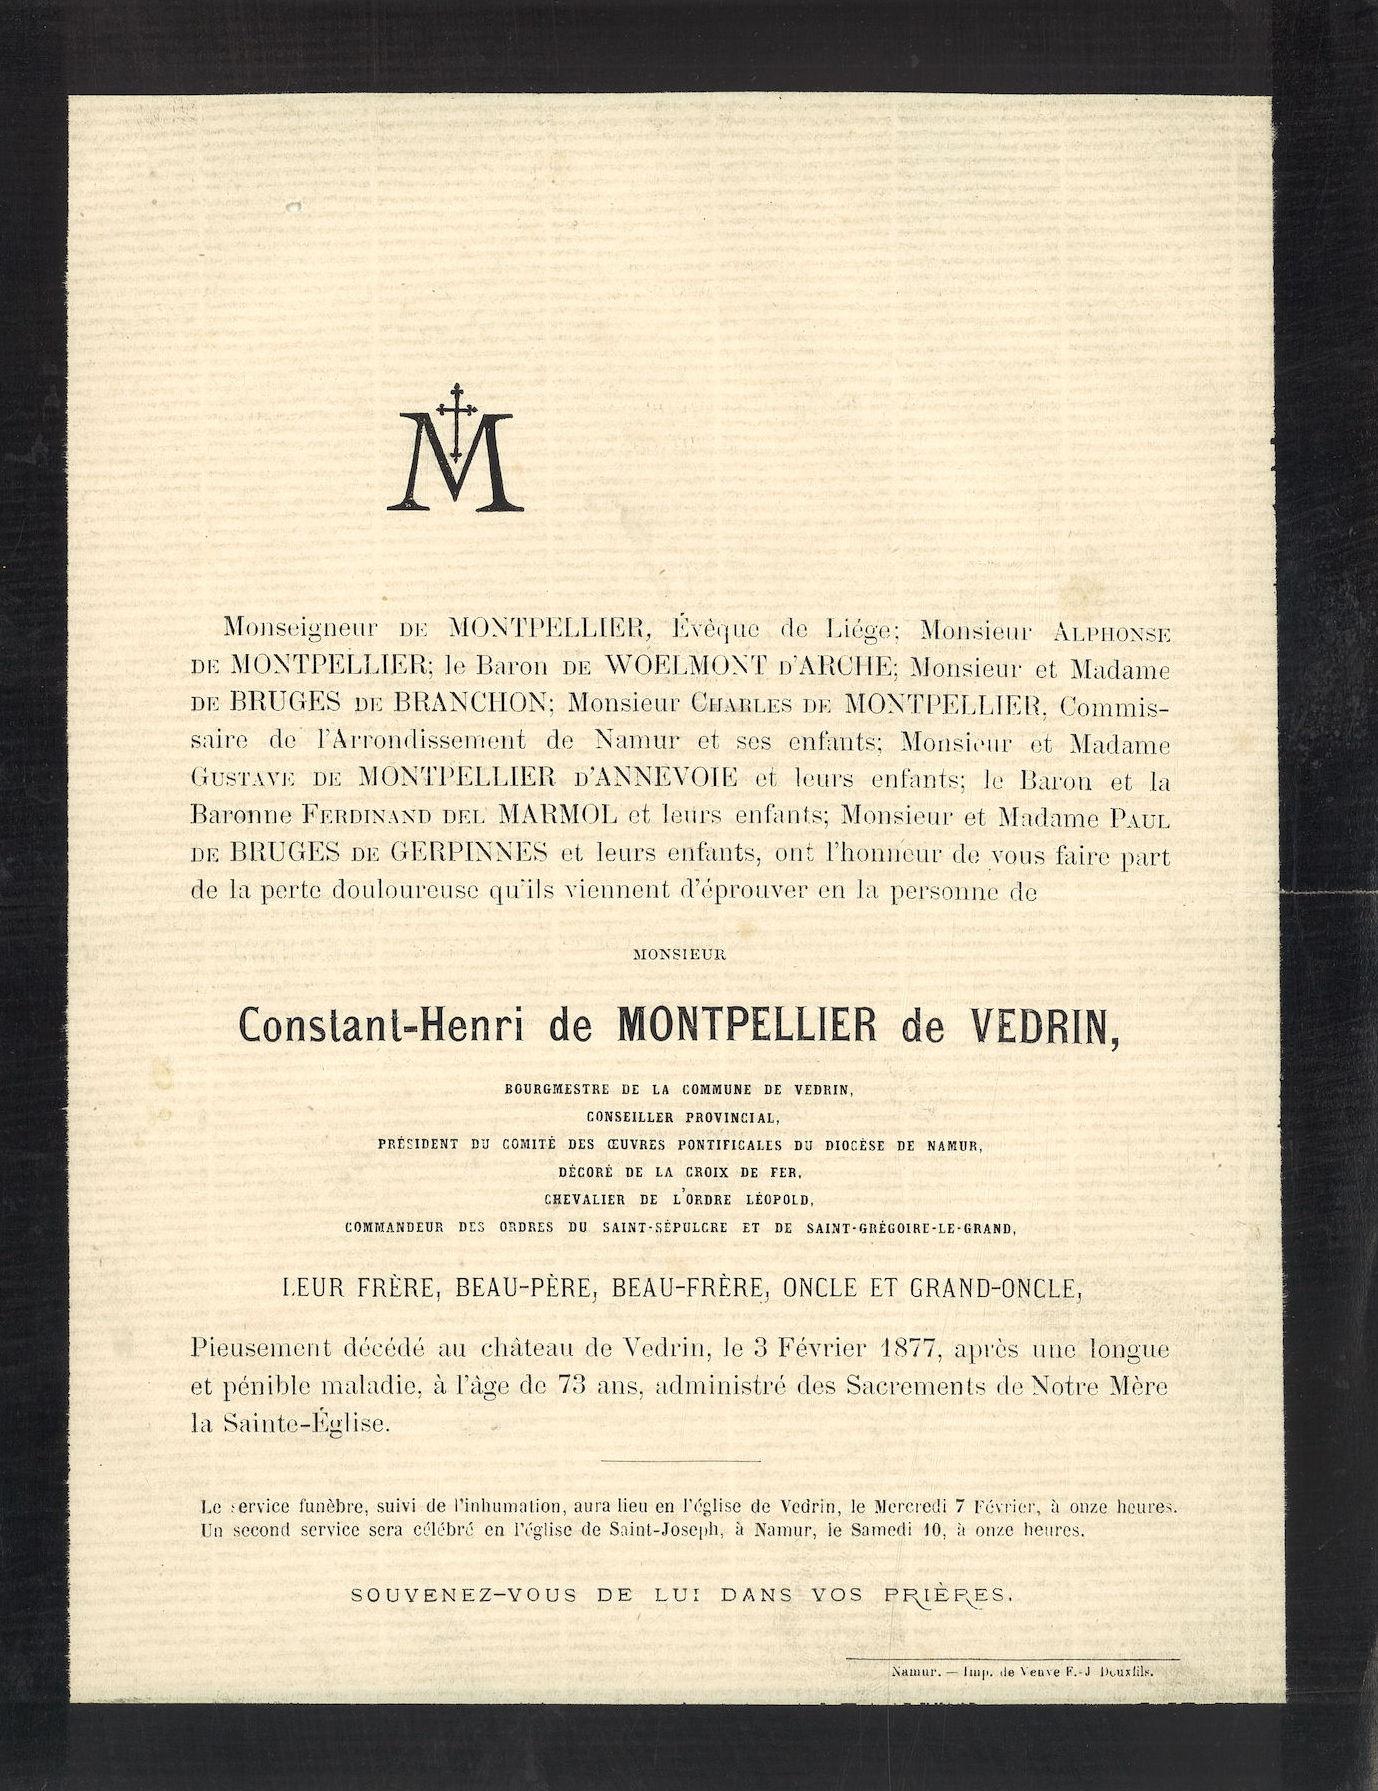 Constant-Henri de Montpellier de Vedrin